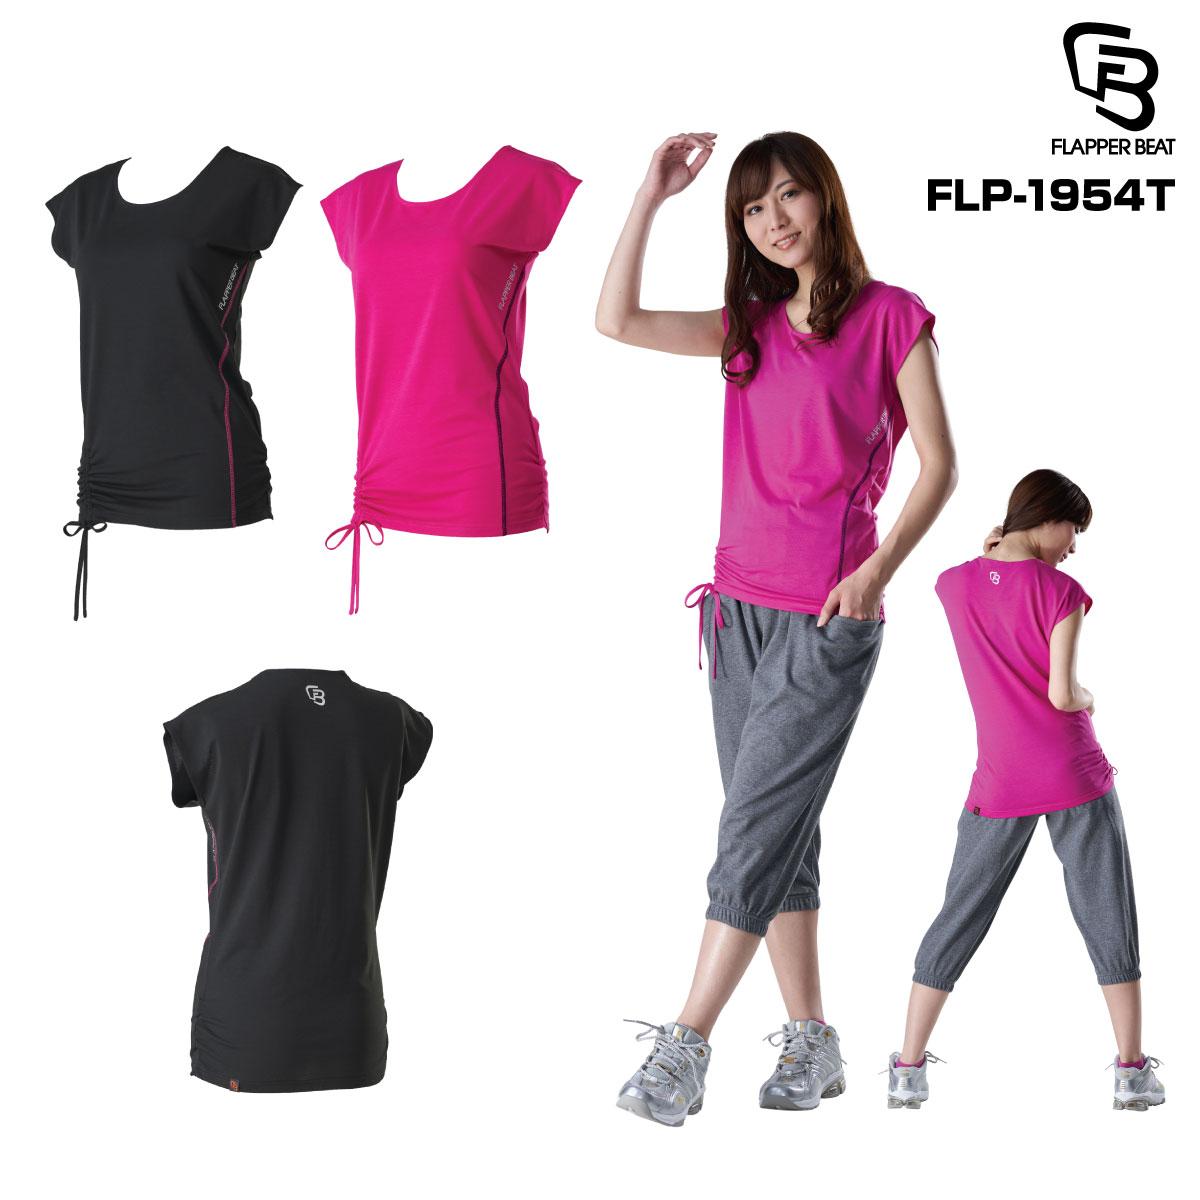 FLAPPER BEAT フラッパー ビート レディス Tシャツ FLP-1954T